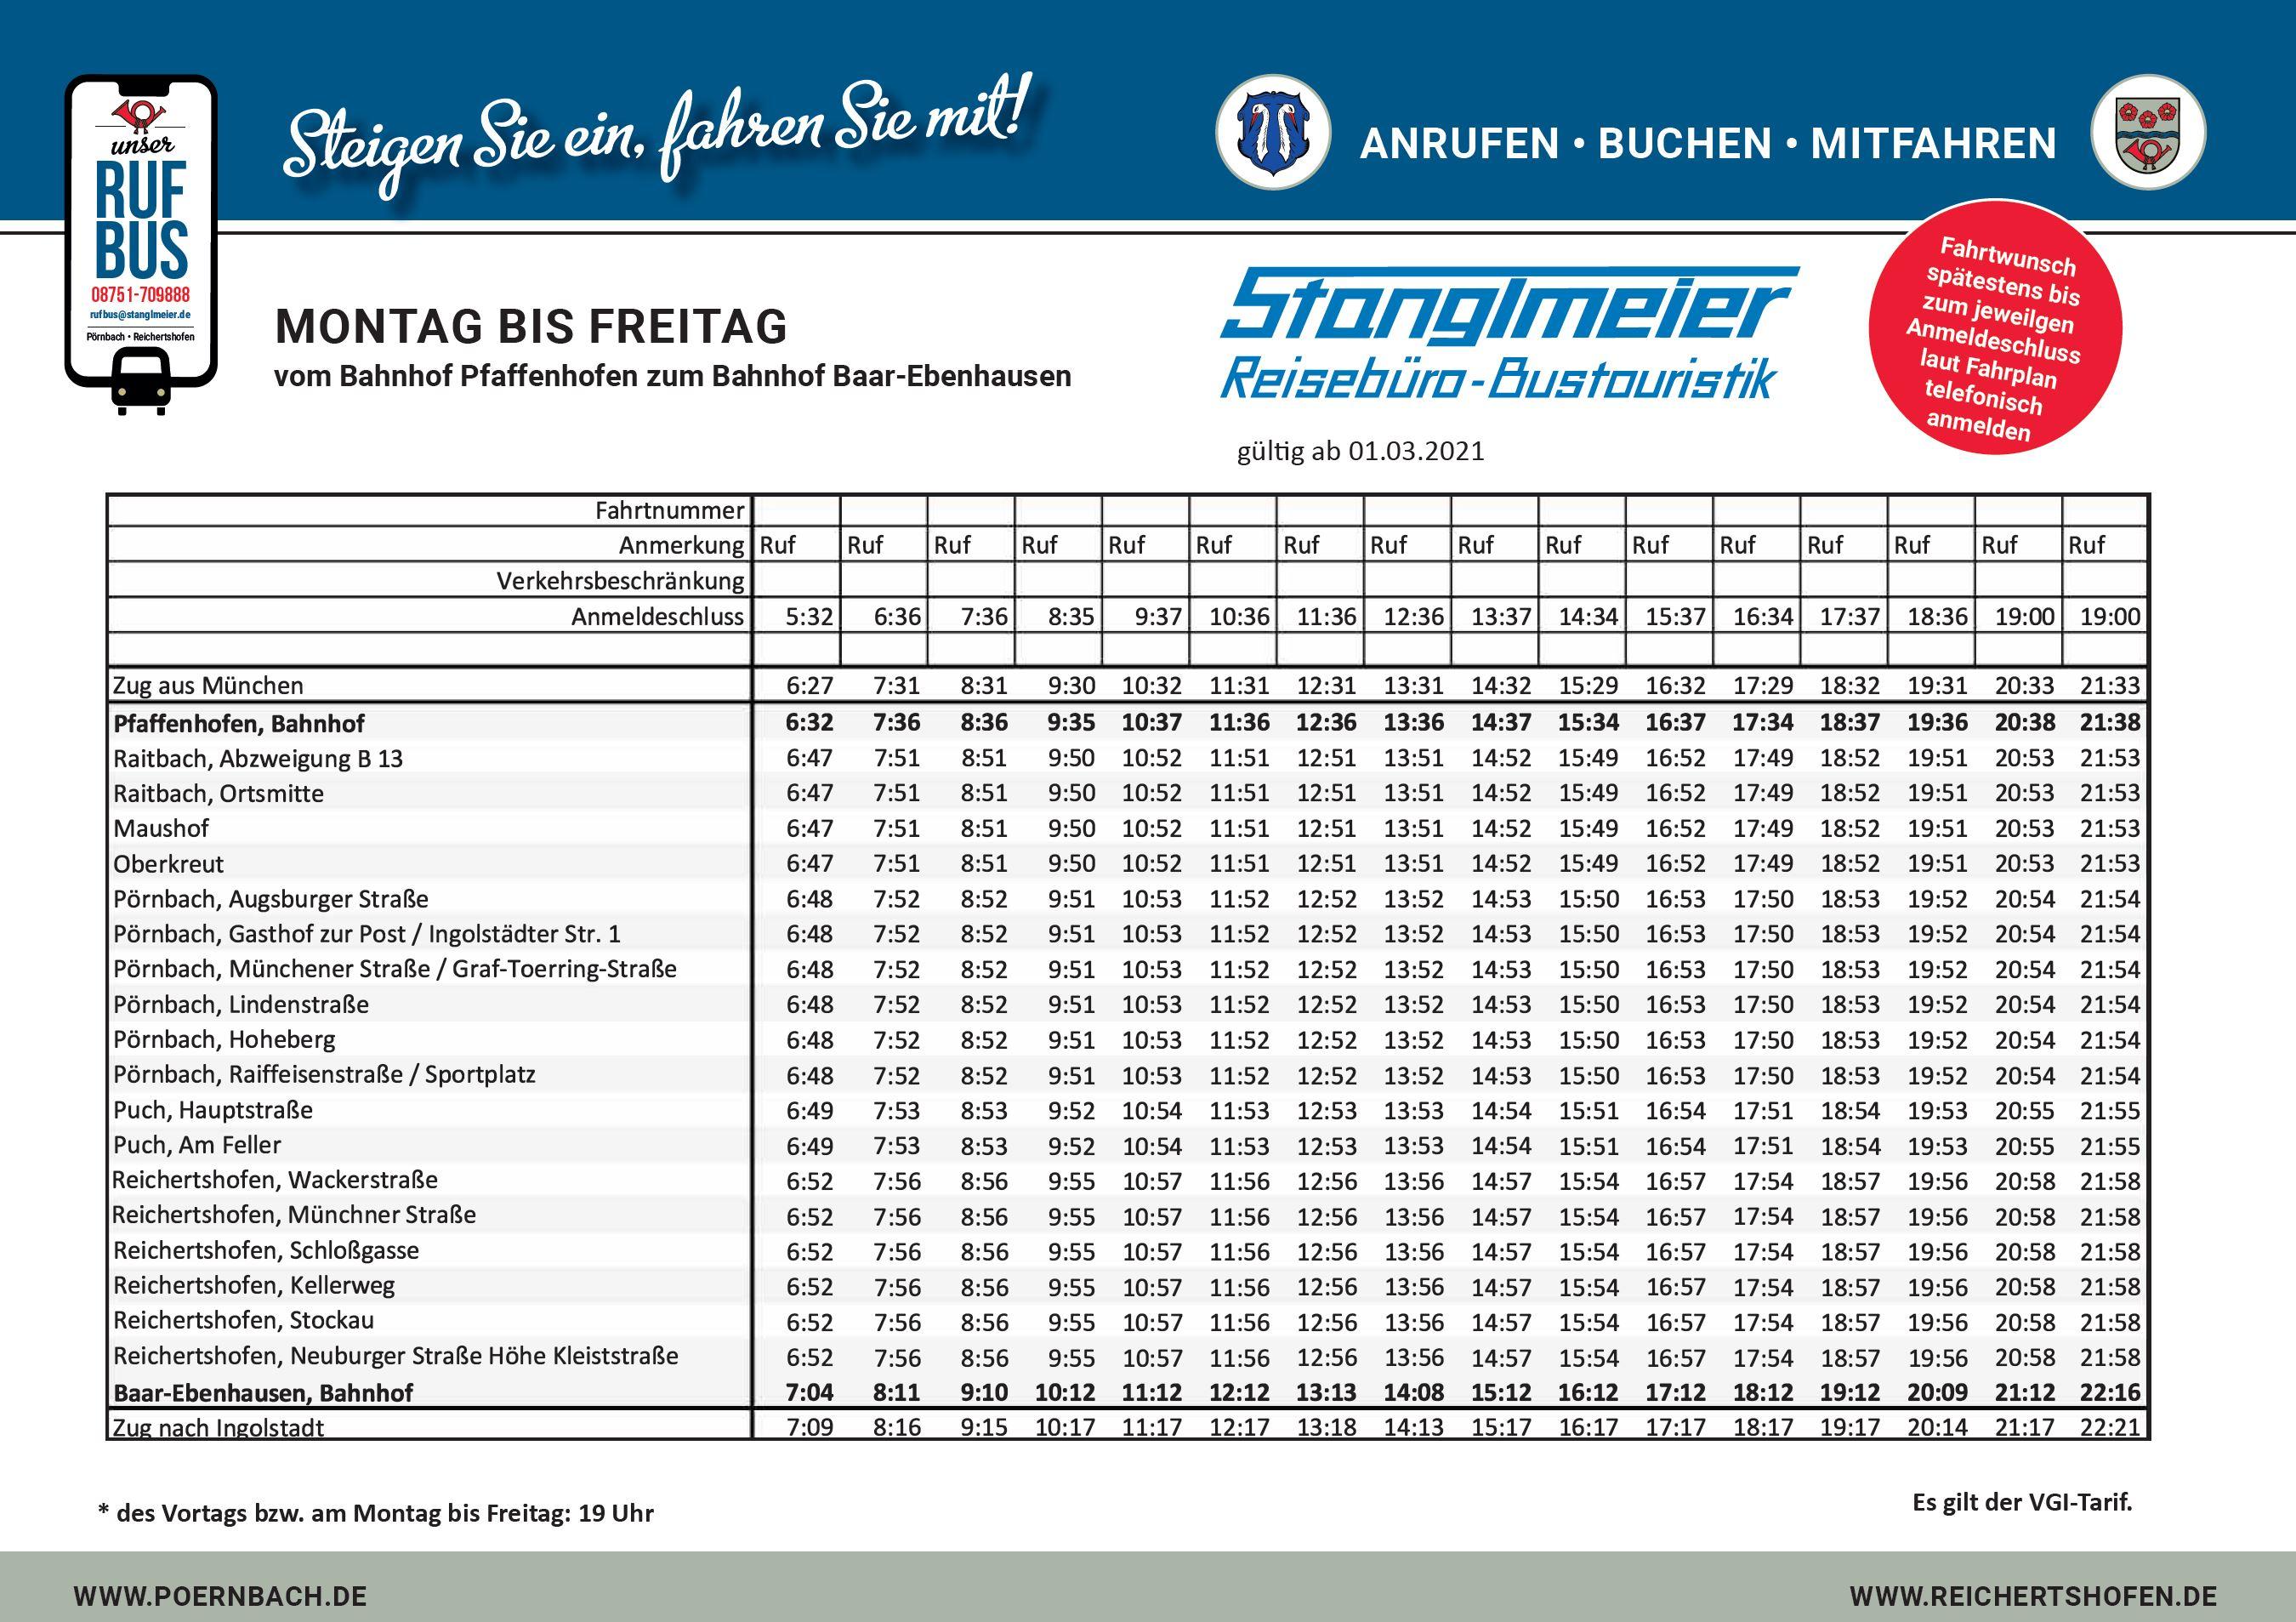 Rufbus Fahrplan Montag bis Freitag Pfaffenhofen Baar-Ebenhausen